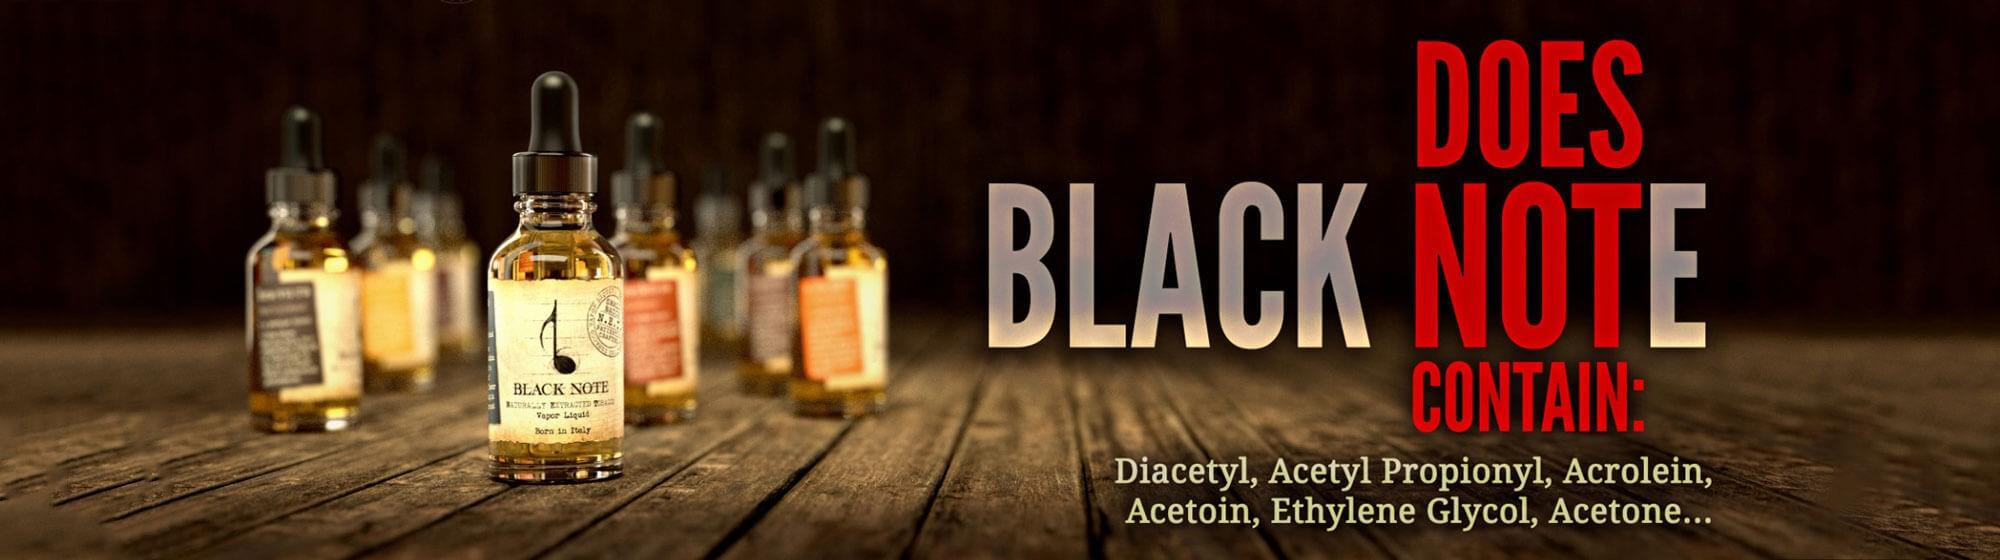 free of Diacetyl, Acetyl Propinyl